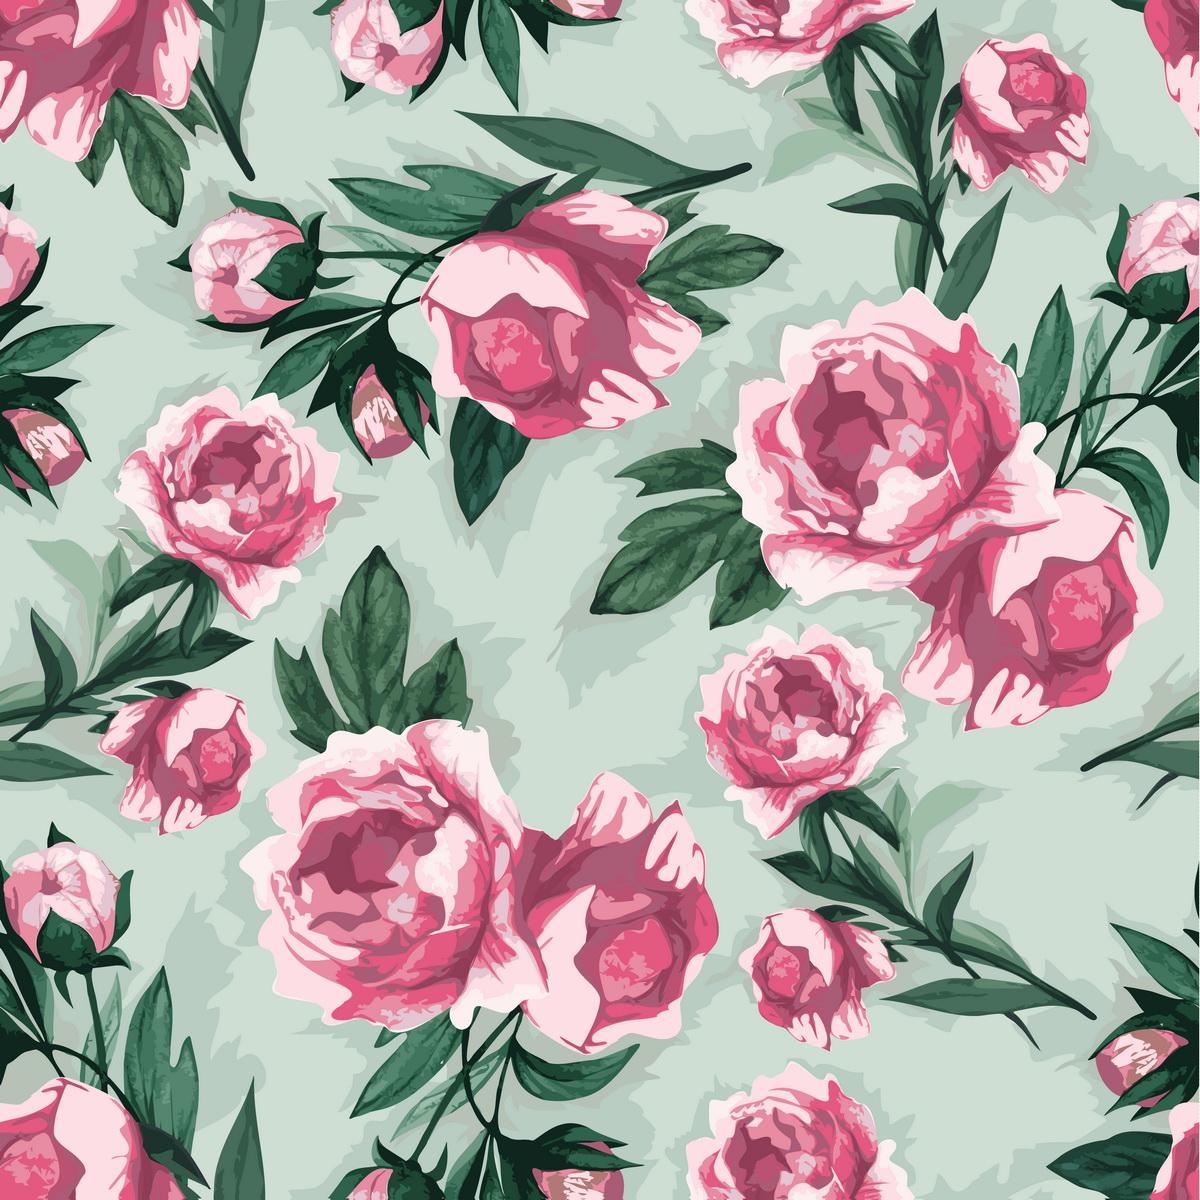 Фон бесшовный с розами.